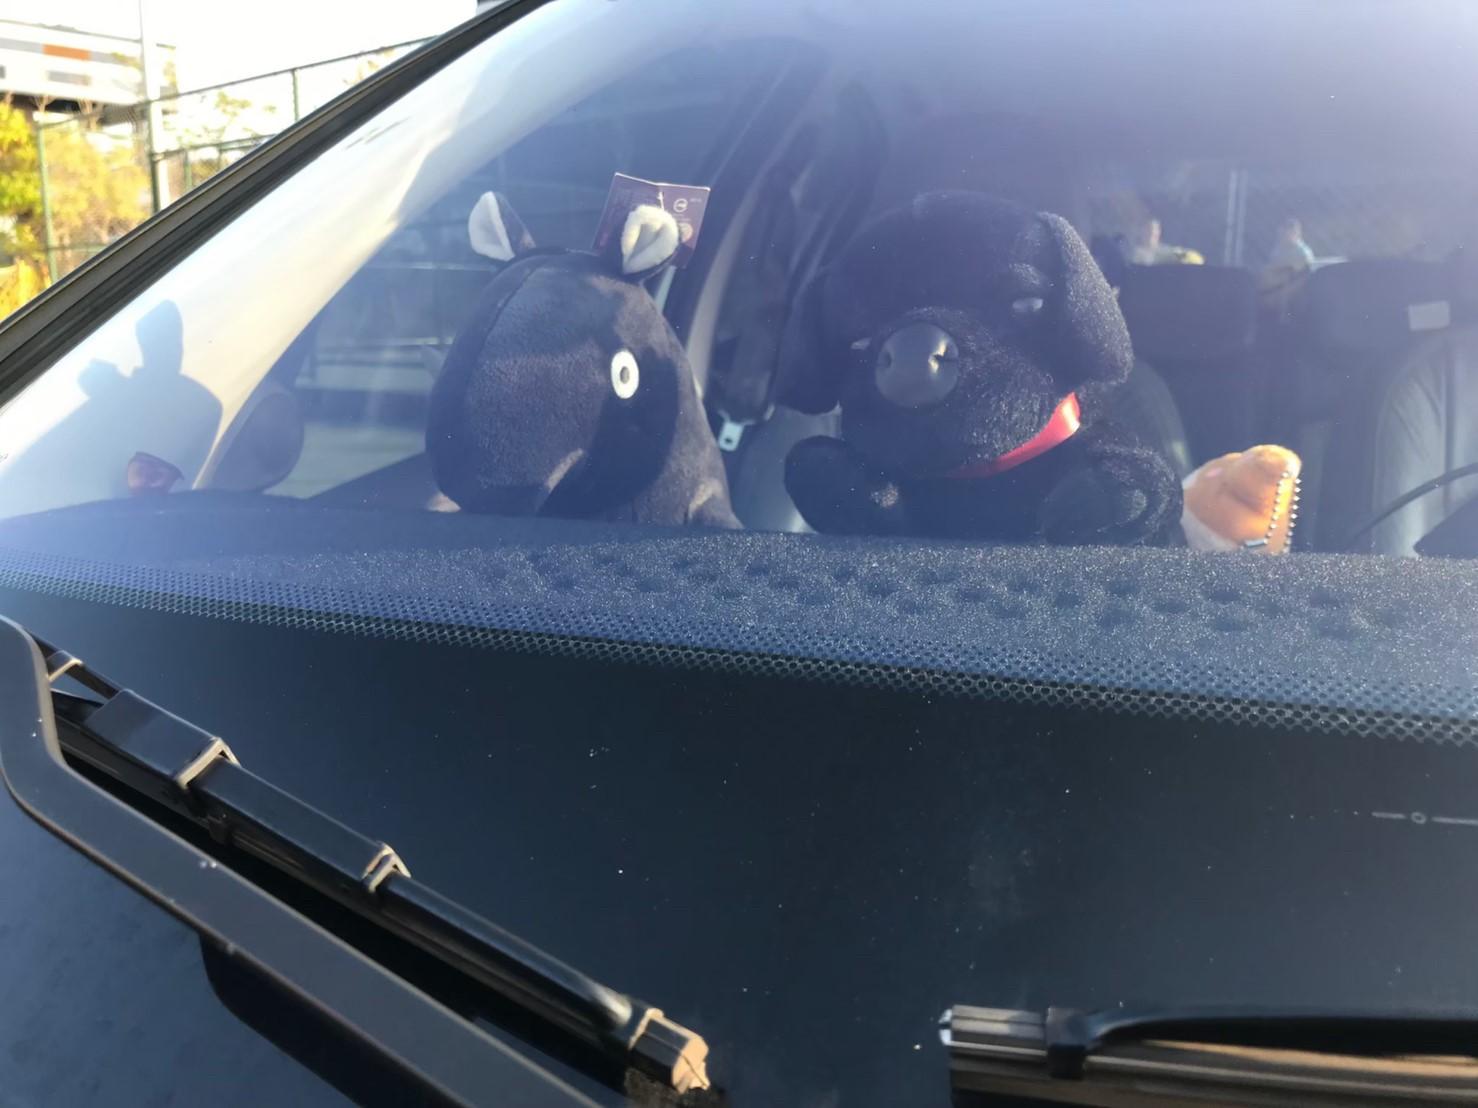 ▲張耀中除了在愛車中控台,放置避光墊,也擺放了兩隻絨毛玩偶,讓愛車更有獨特性。